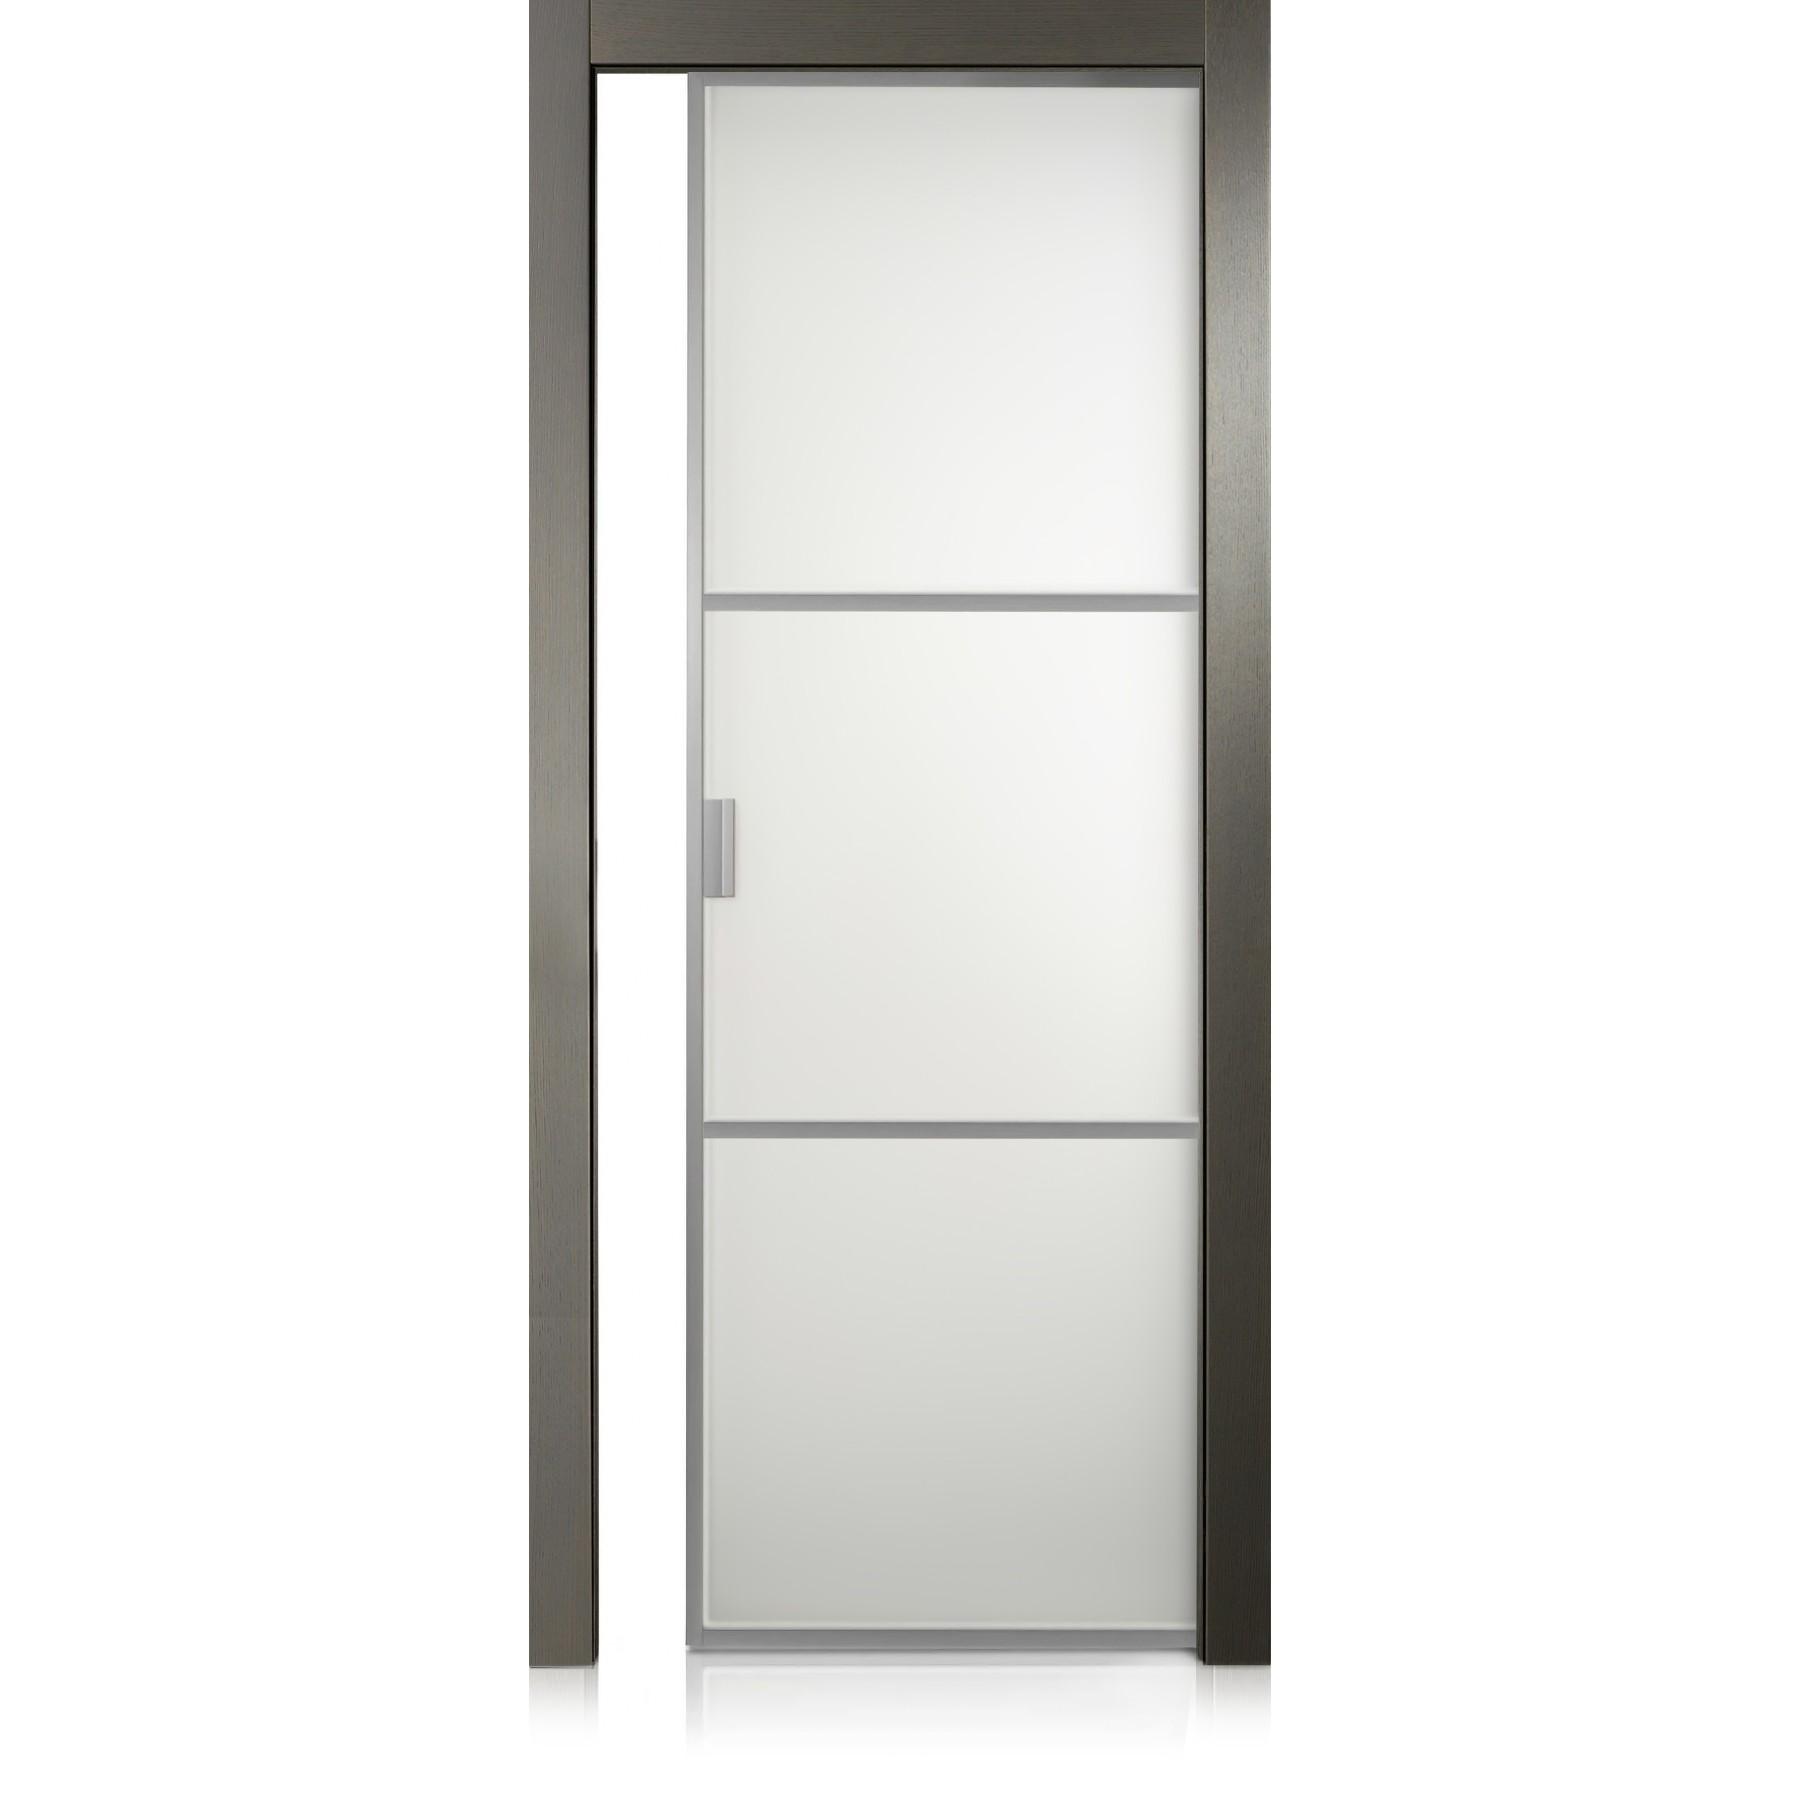 Cristal Frame / 2 ecorovere grigio door